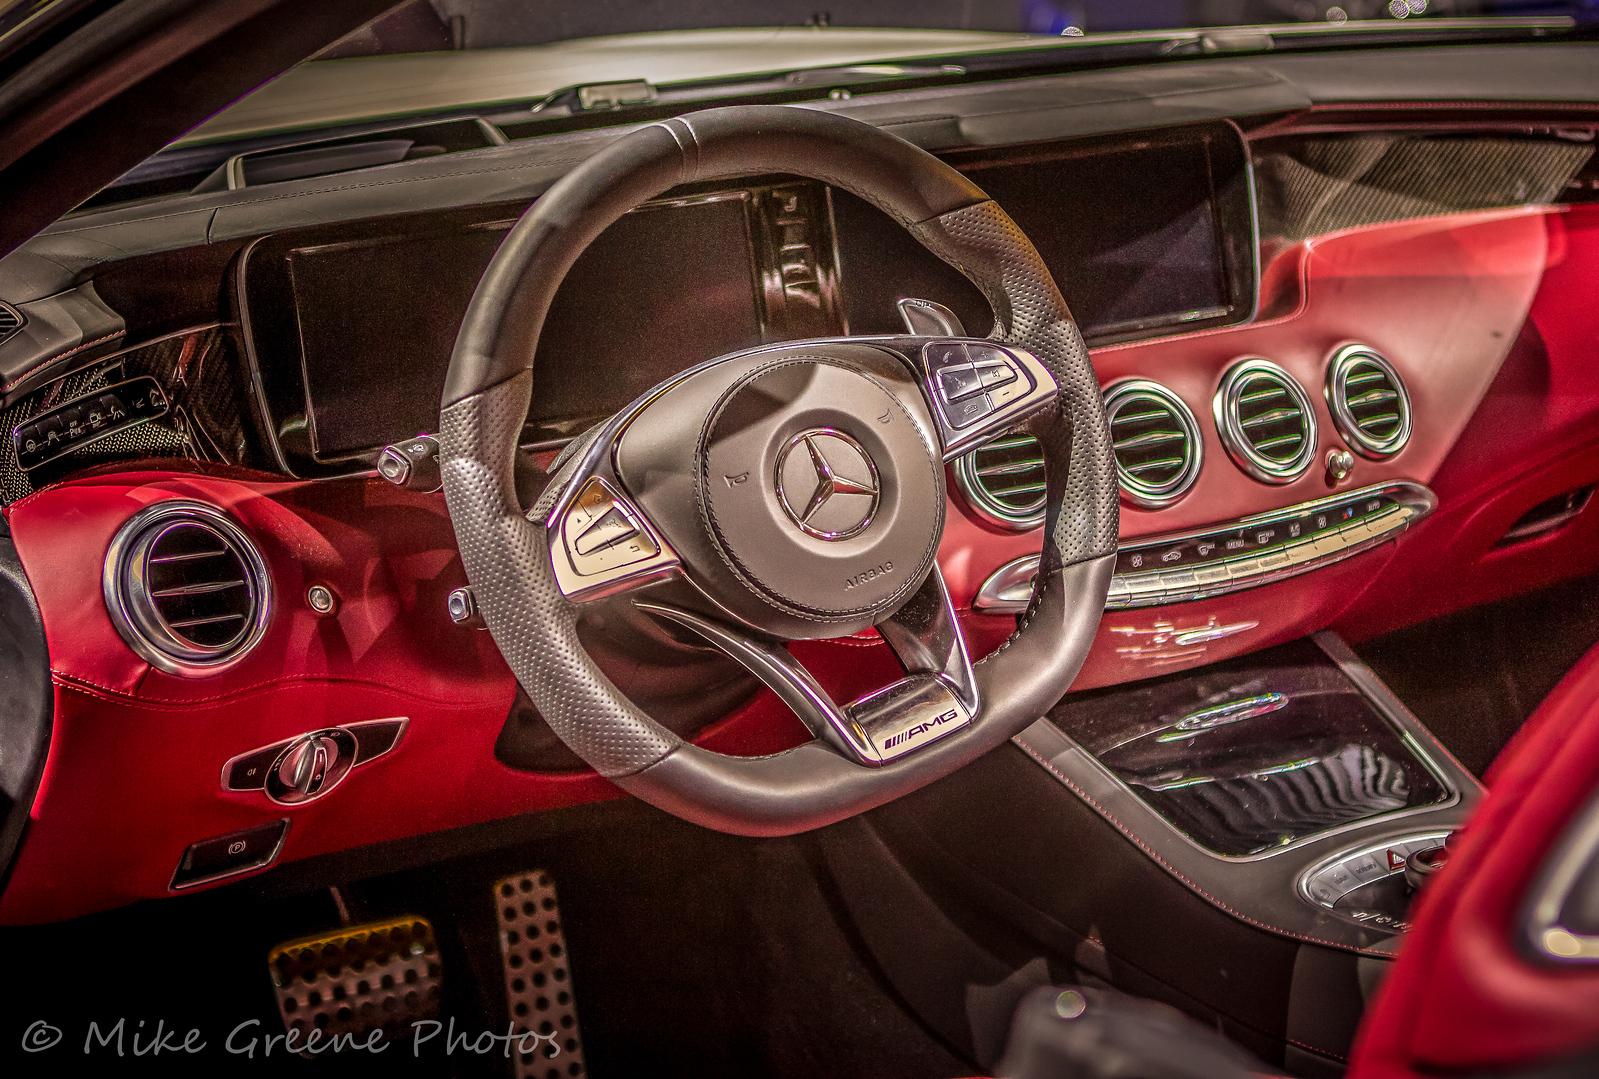 IMAGE: https://photos.smugmug.com/Events-Automotive/Los-Angeles-Auto-Show-2015/i-hwChNw8/0/1821025b/X3/IMG_9323-X3.jpg